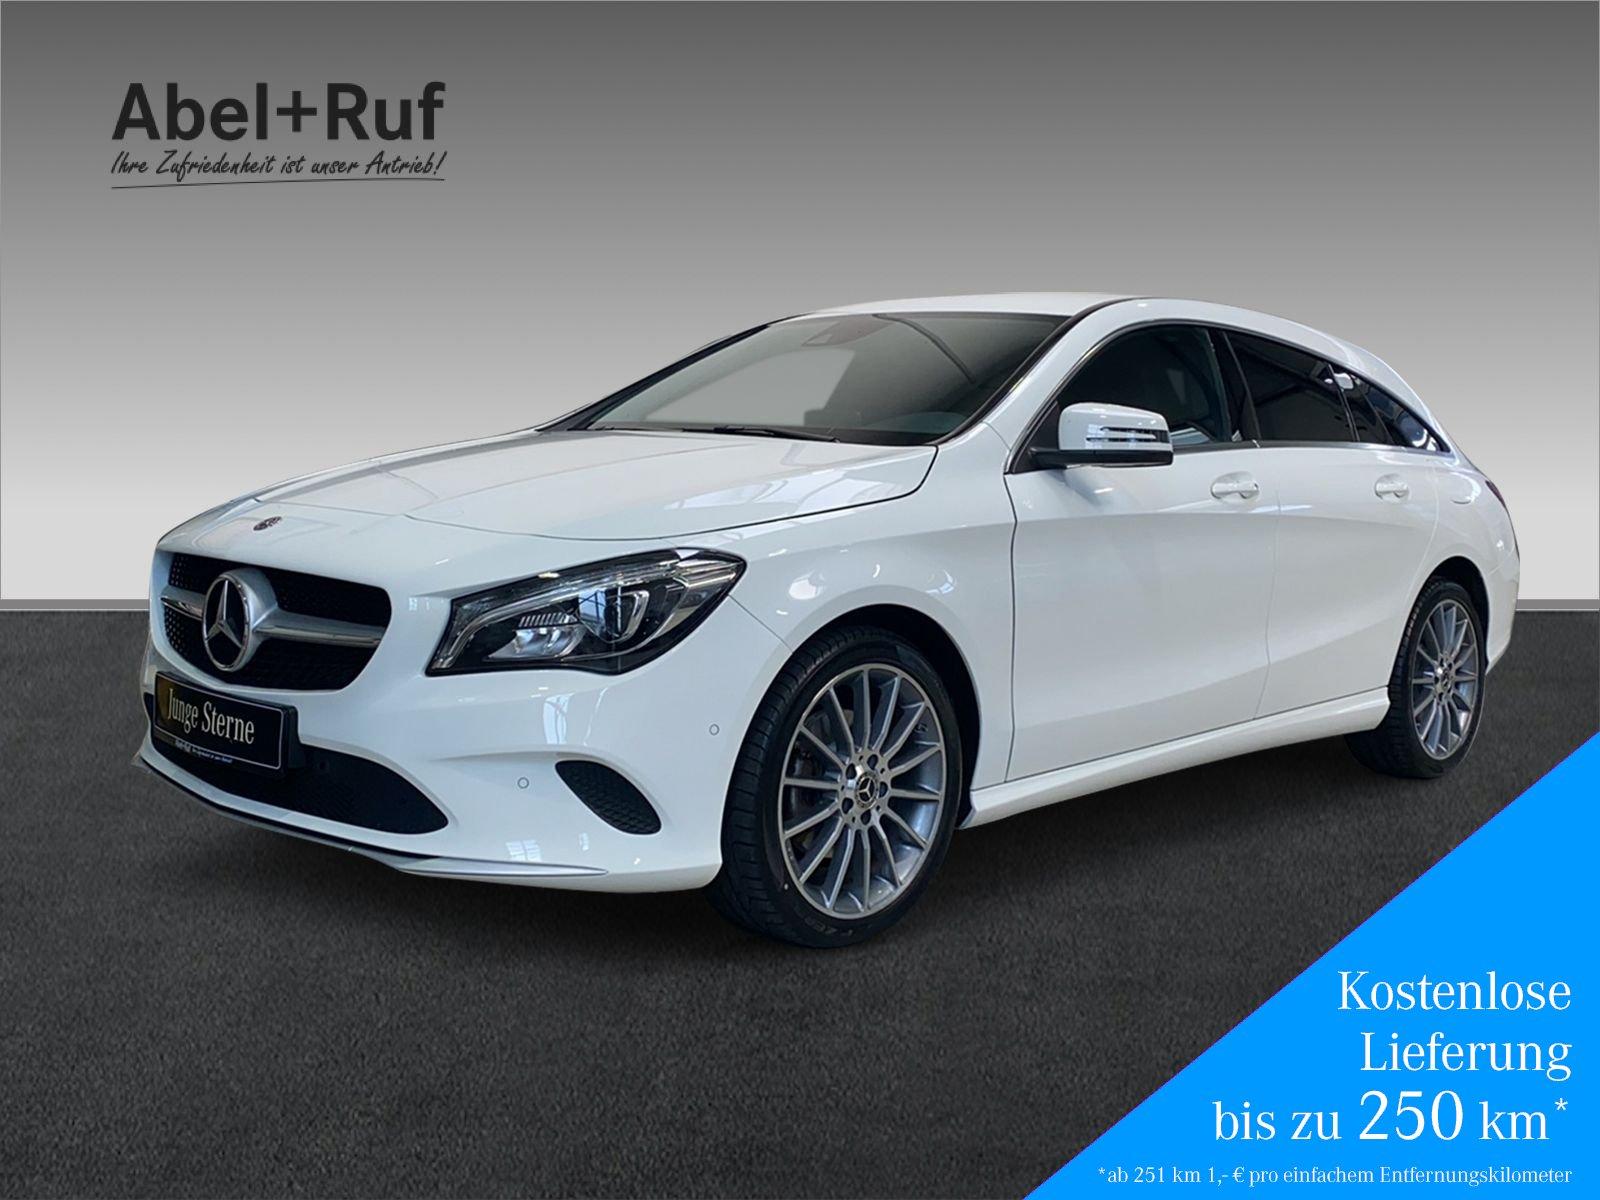 Mercedes-Benz CLA 220d SB Navi+LED+Sitzh.+Klimaa.+Keyless GO, Jahr 2018, Diesel